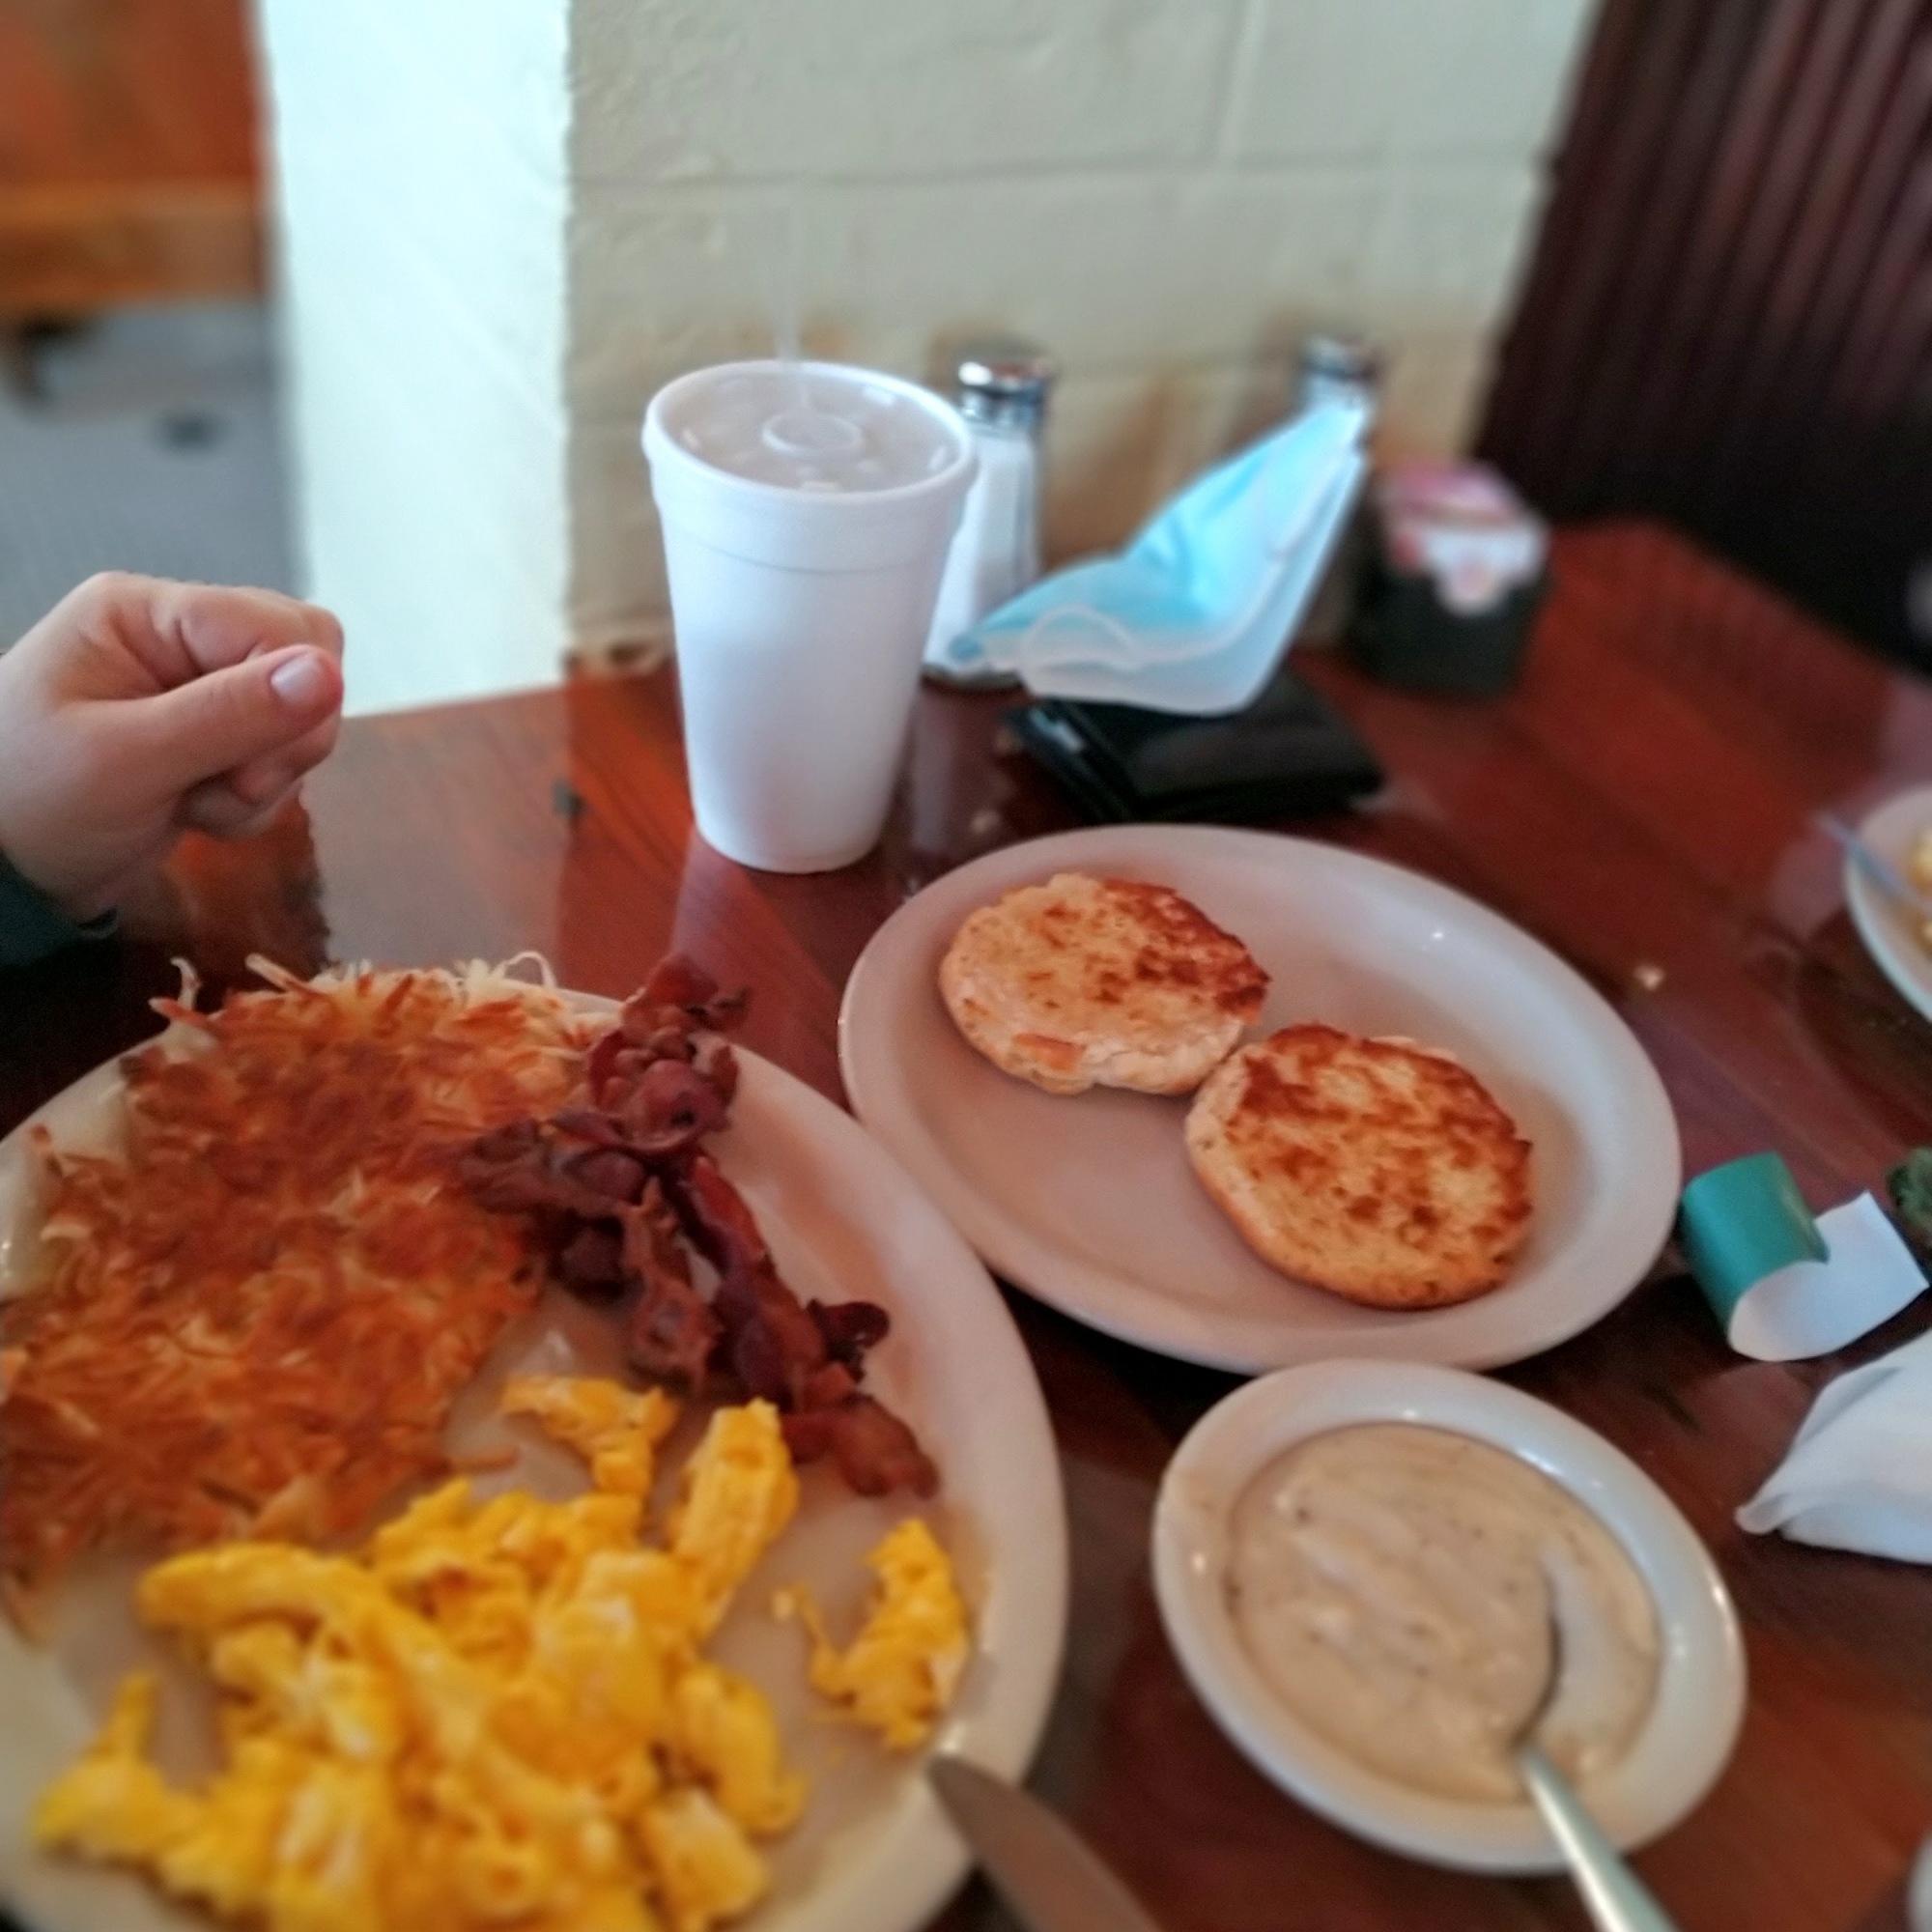 Breakfast-at-Miller's-seawall-grill-in-Galveston-texas